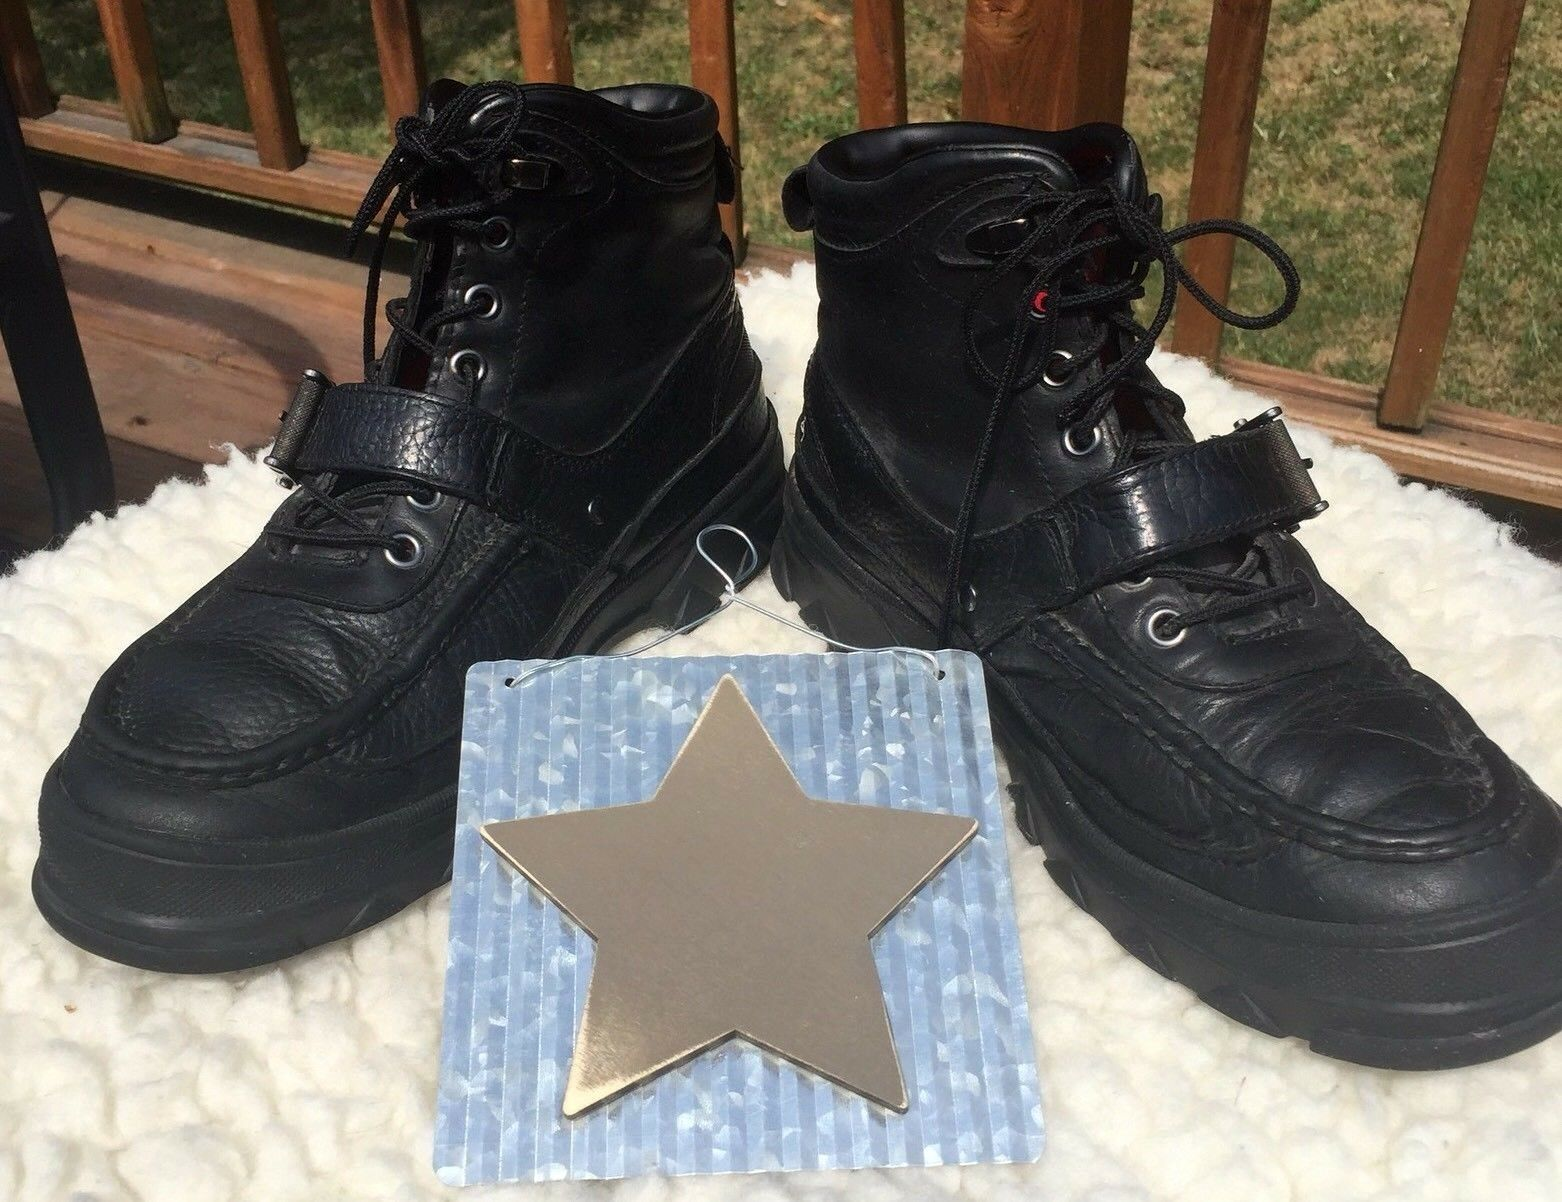 Polo Ralph Lauren Heworth Leather Men's Boots Sz 9D High Top Lace Up